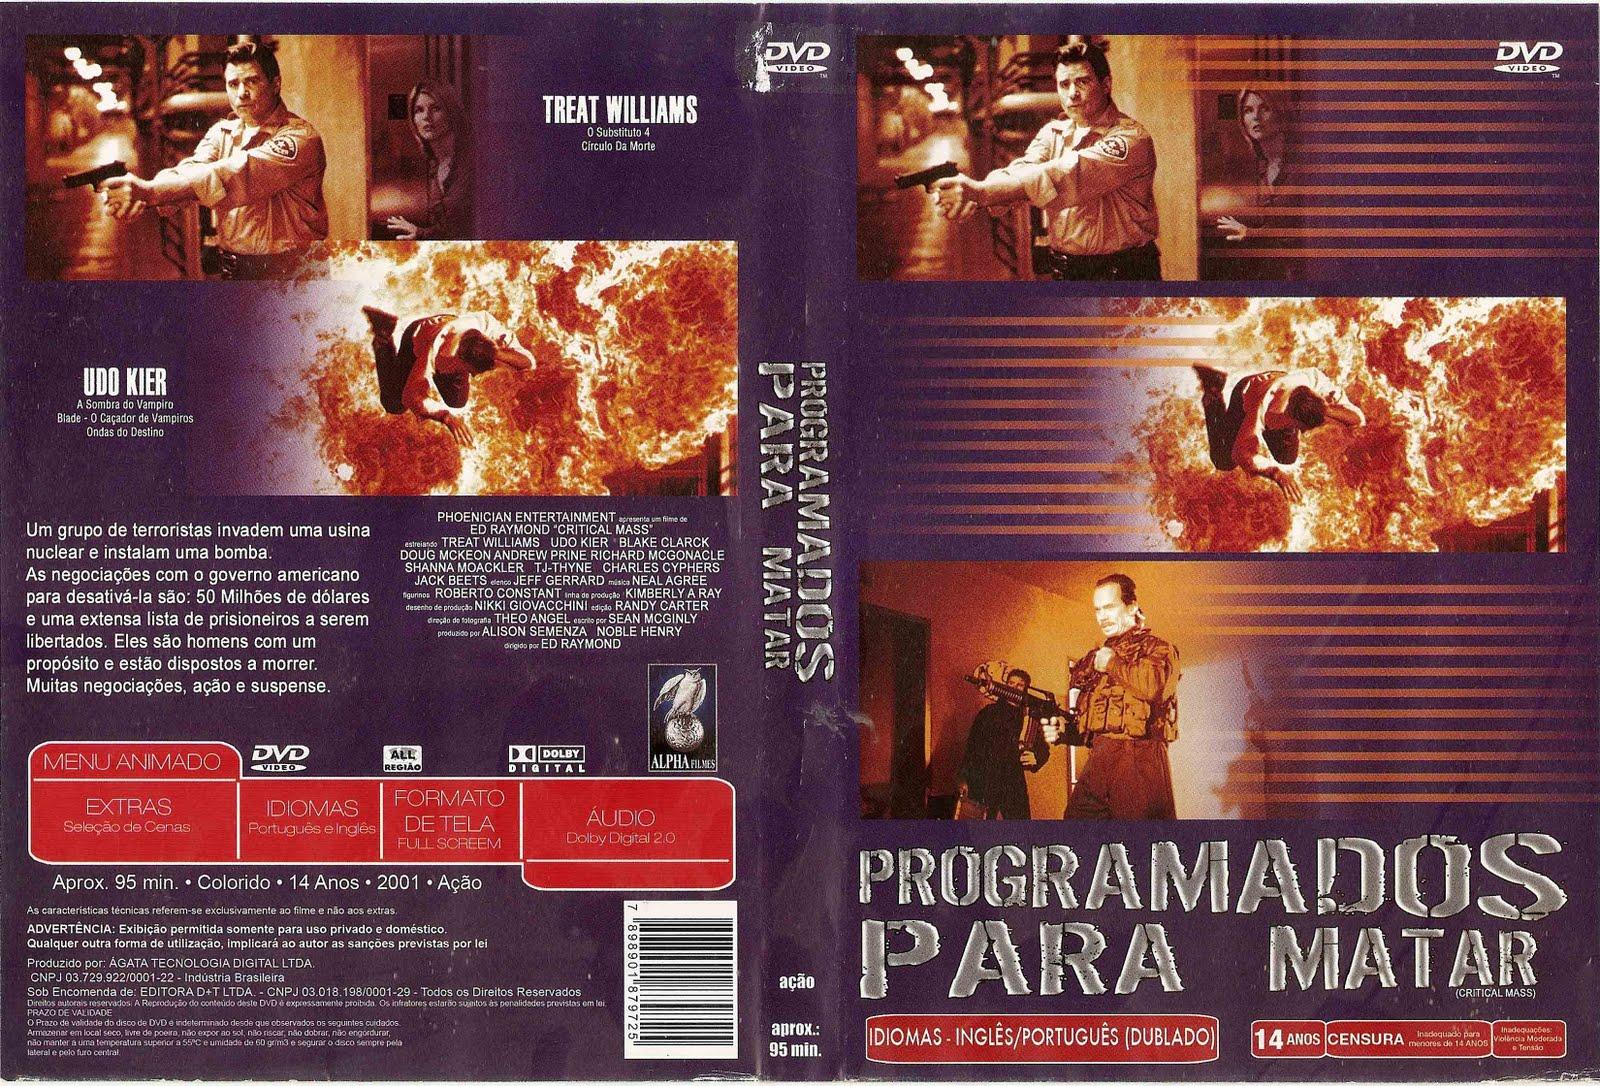 http://1.bp.blogspot.com/_Tgeb_LTYc0o/S85EEqIaXOI/AAAAAAAAAfc/UNR33JmXtGs/s1600/Programados+Para+Matar.jpg